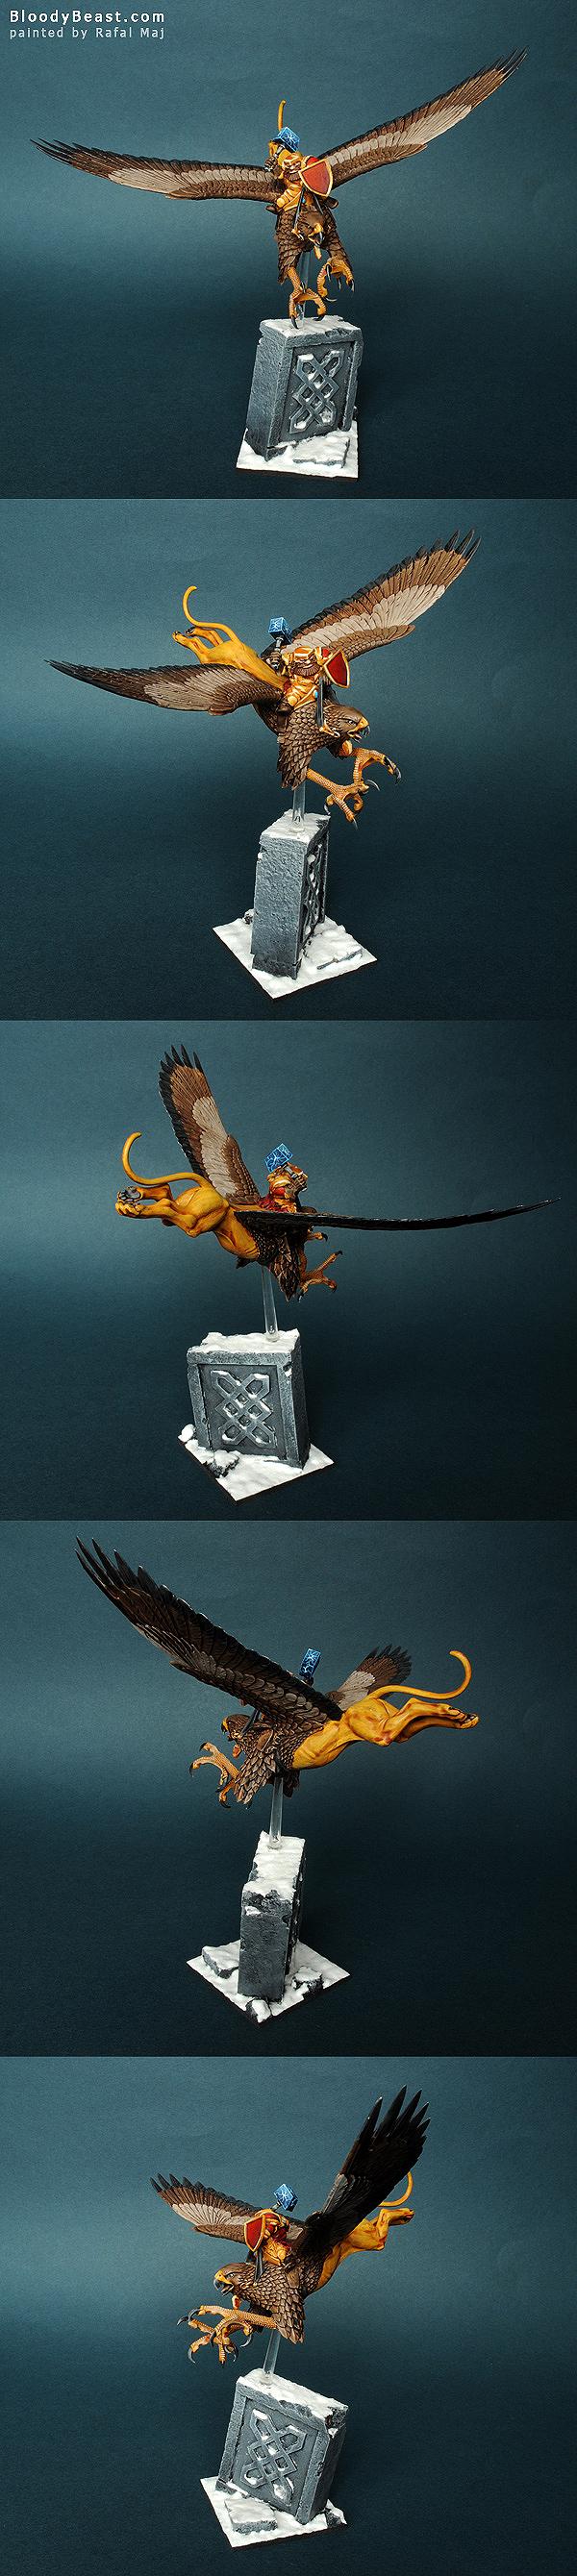 Mantic Dwarf Griffon Rider painted by Rafal Maj (BloodyBeast.com)